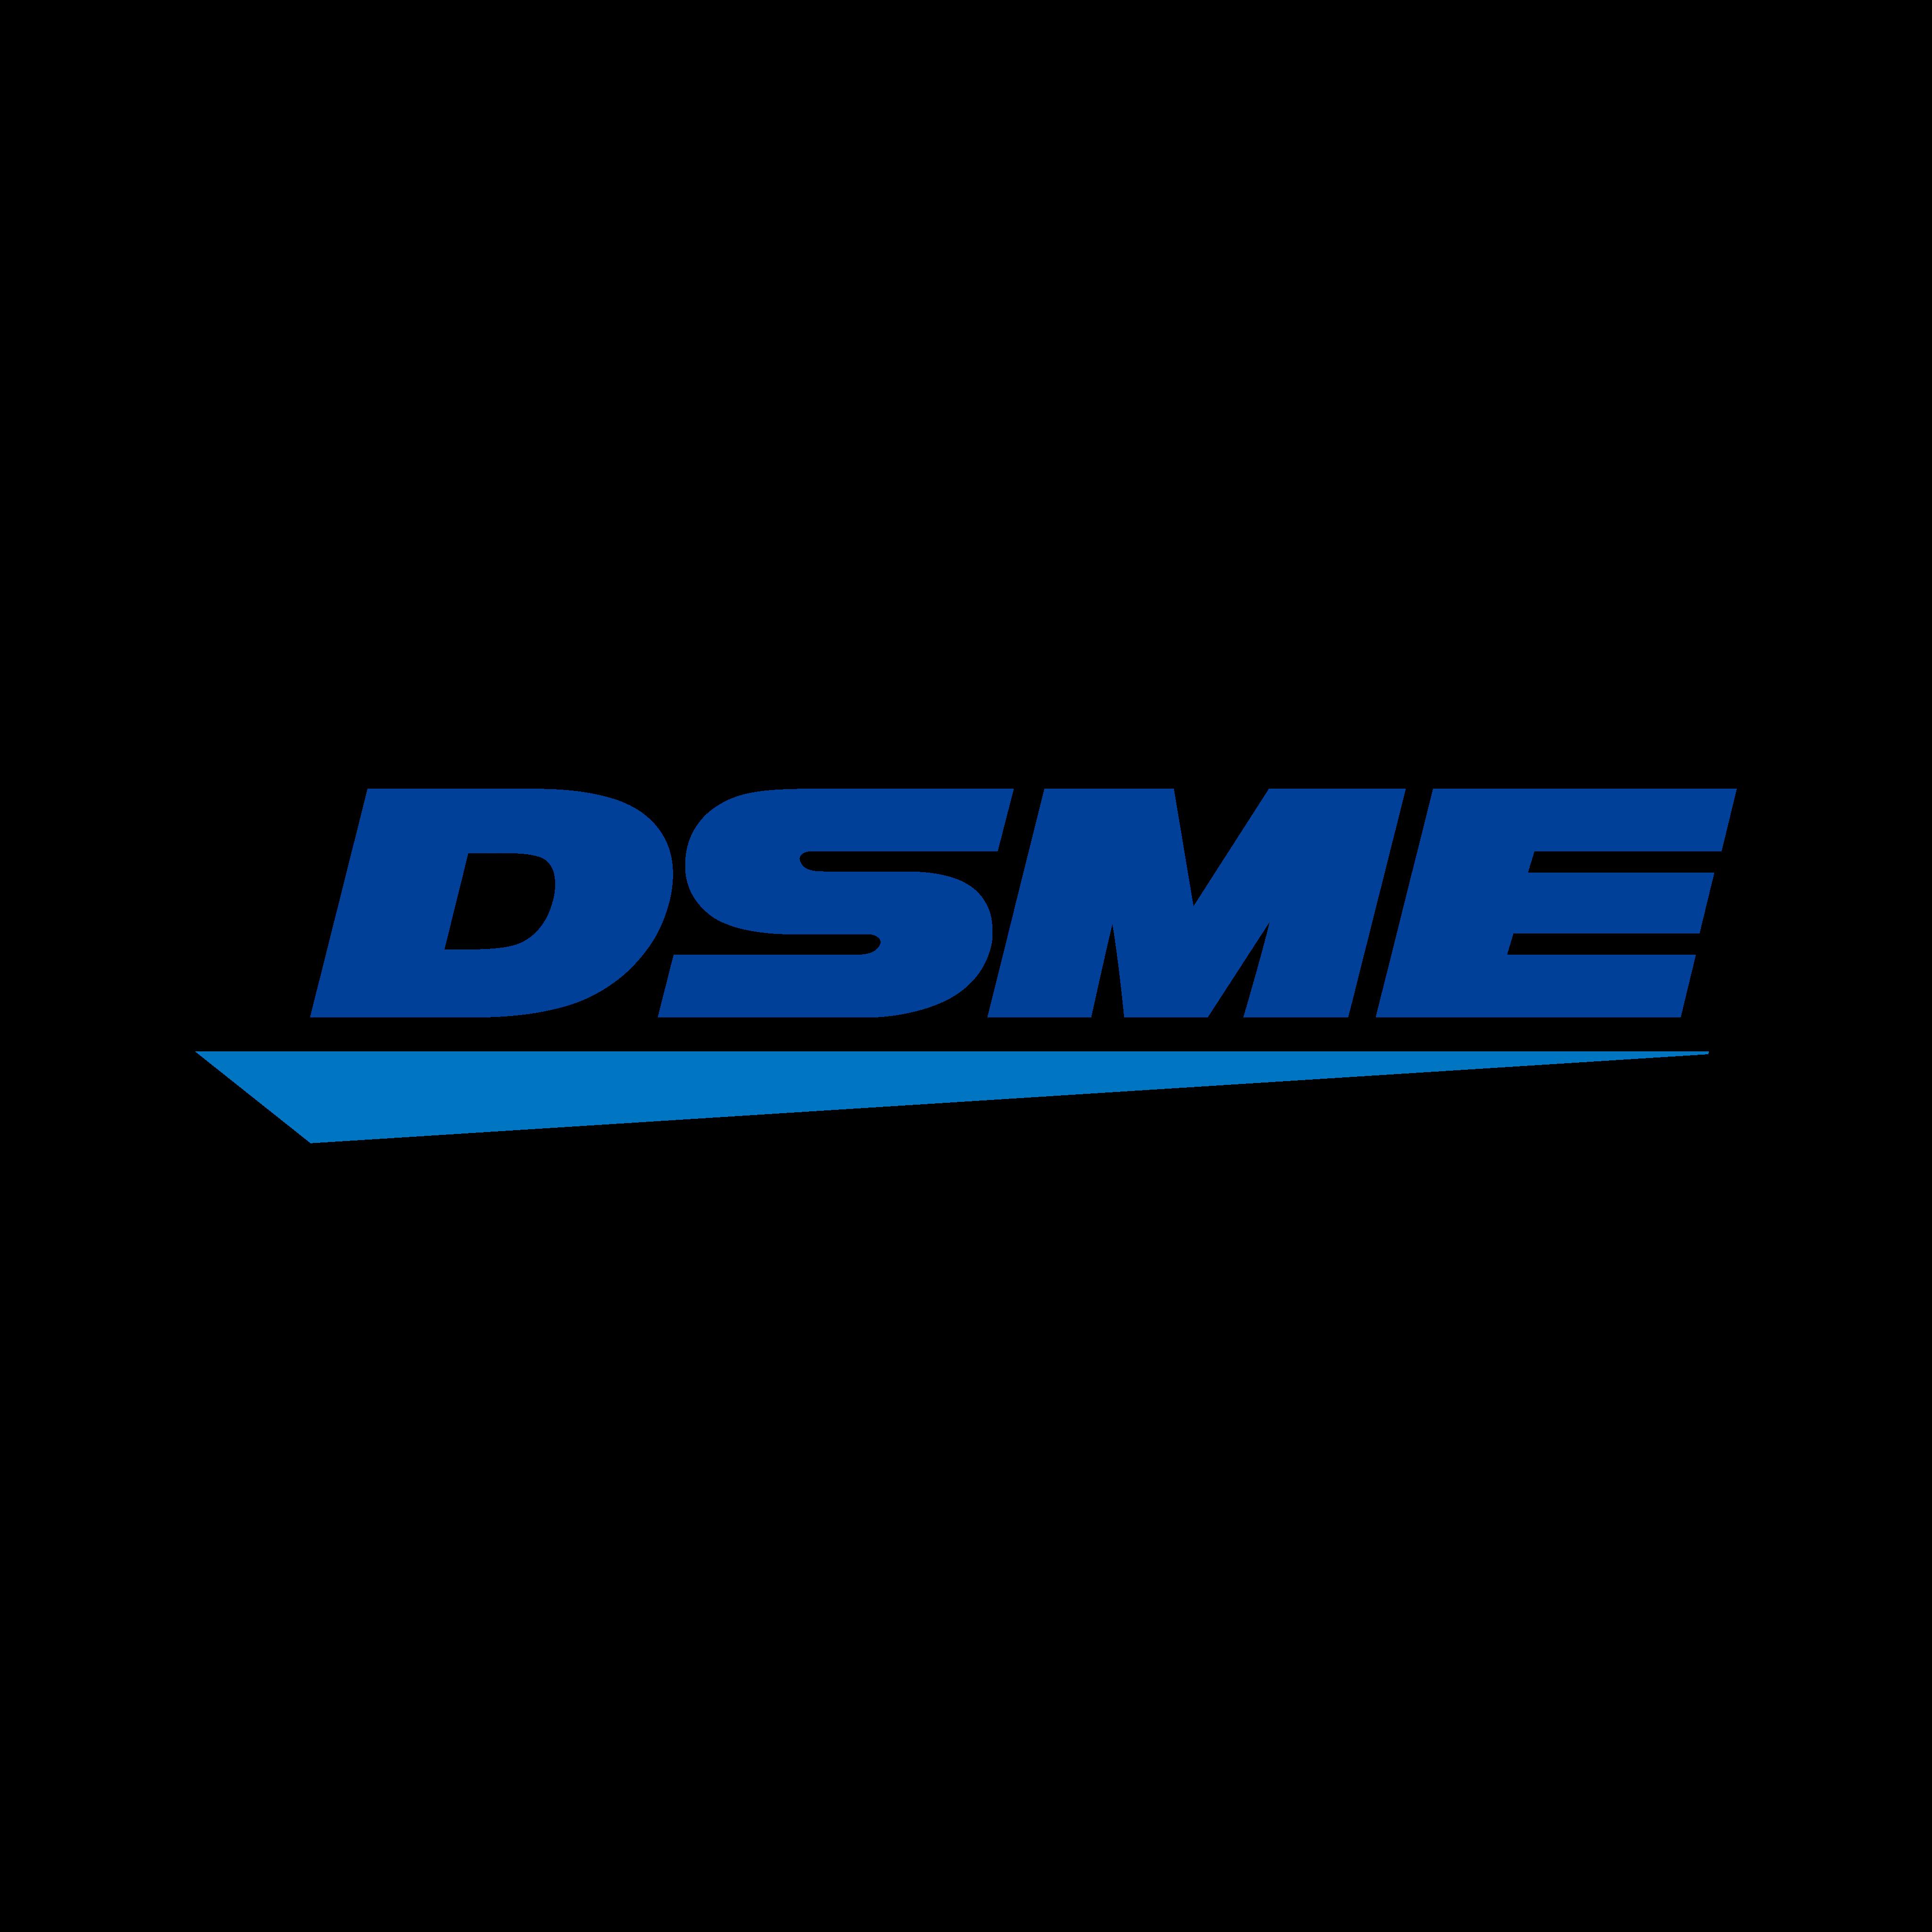 dsme logo 0 - DSME Logo